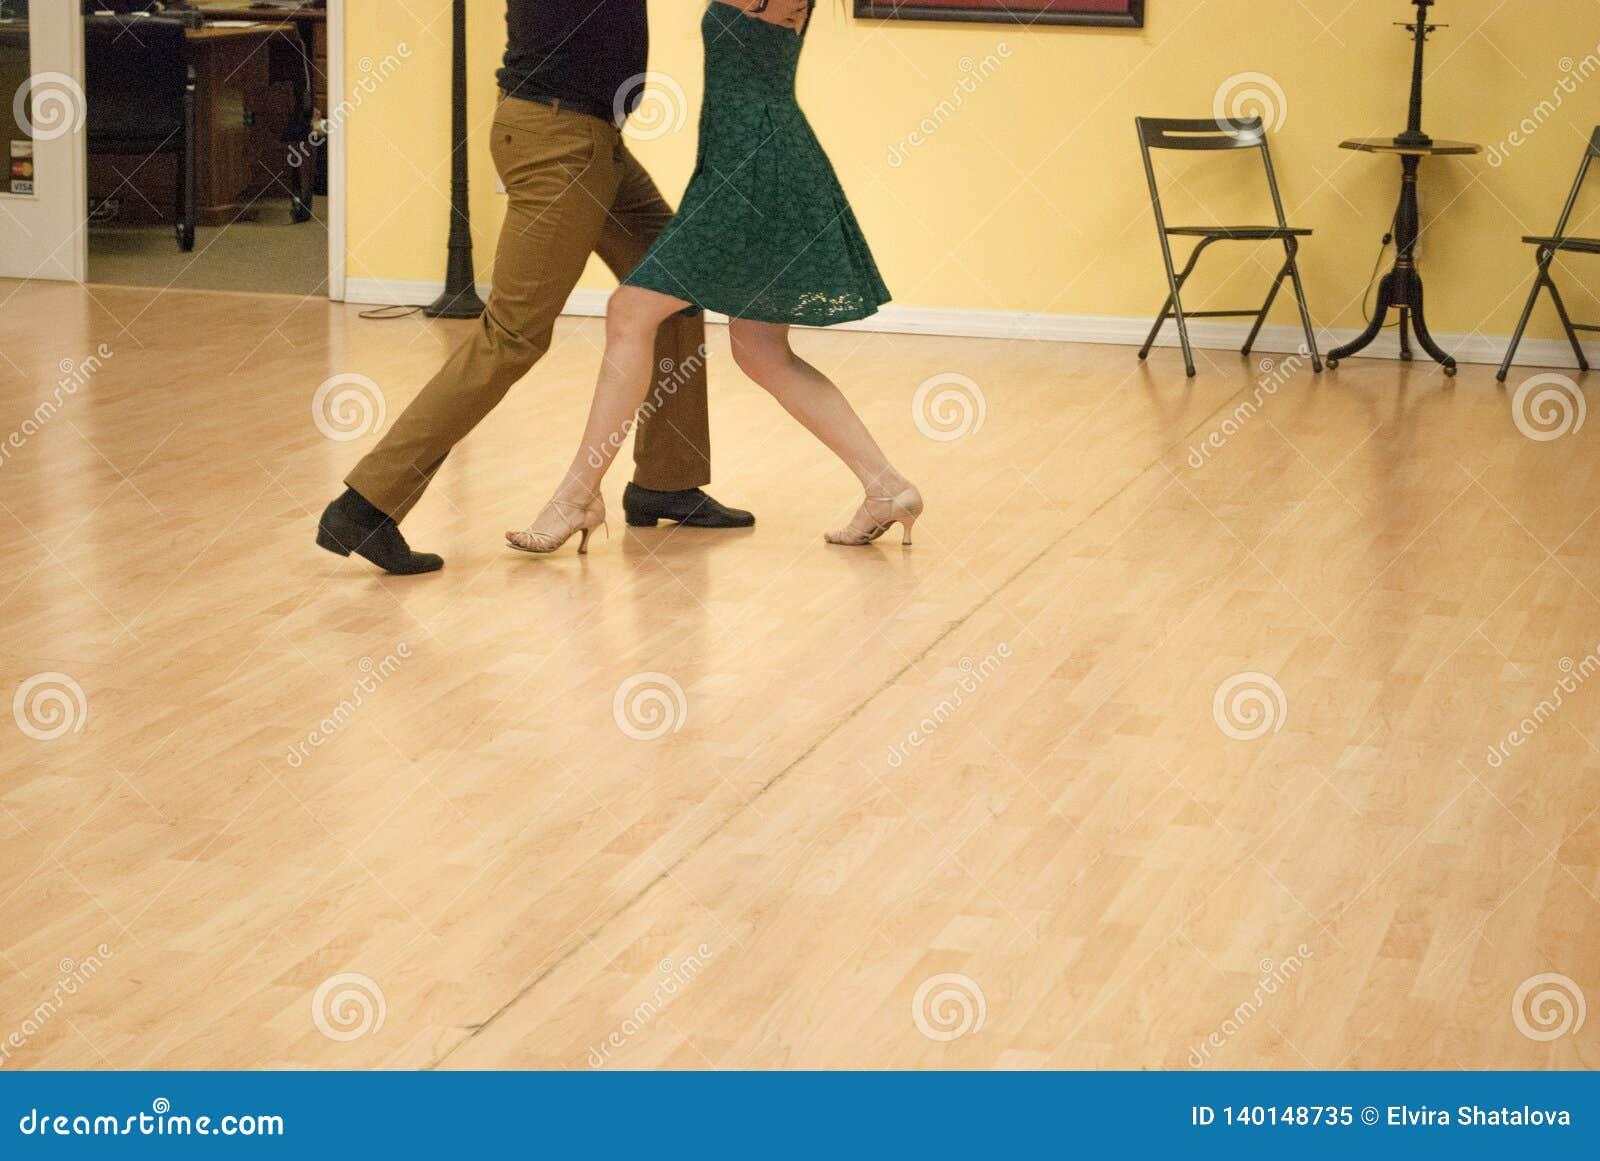 Wals door jong paar in de dansstudio